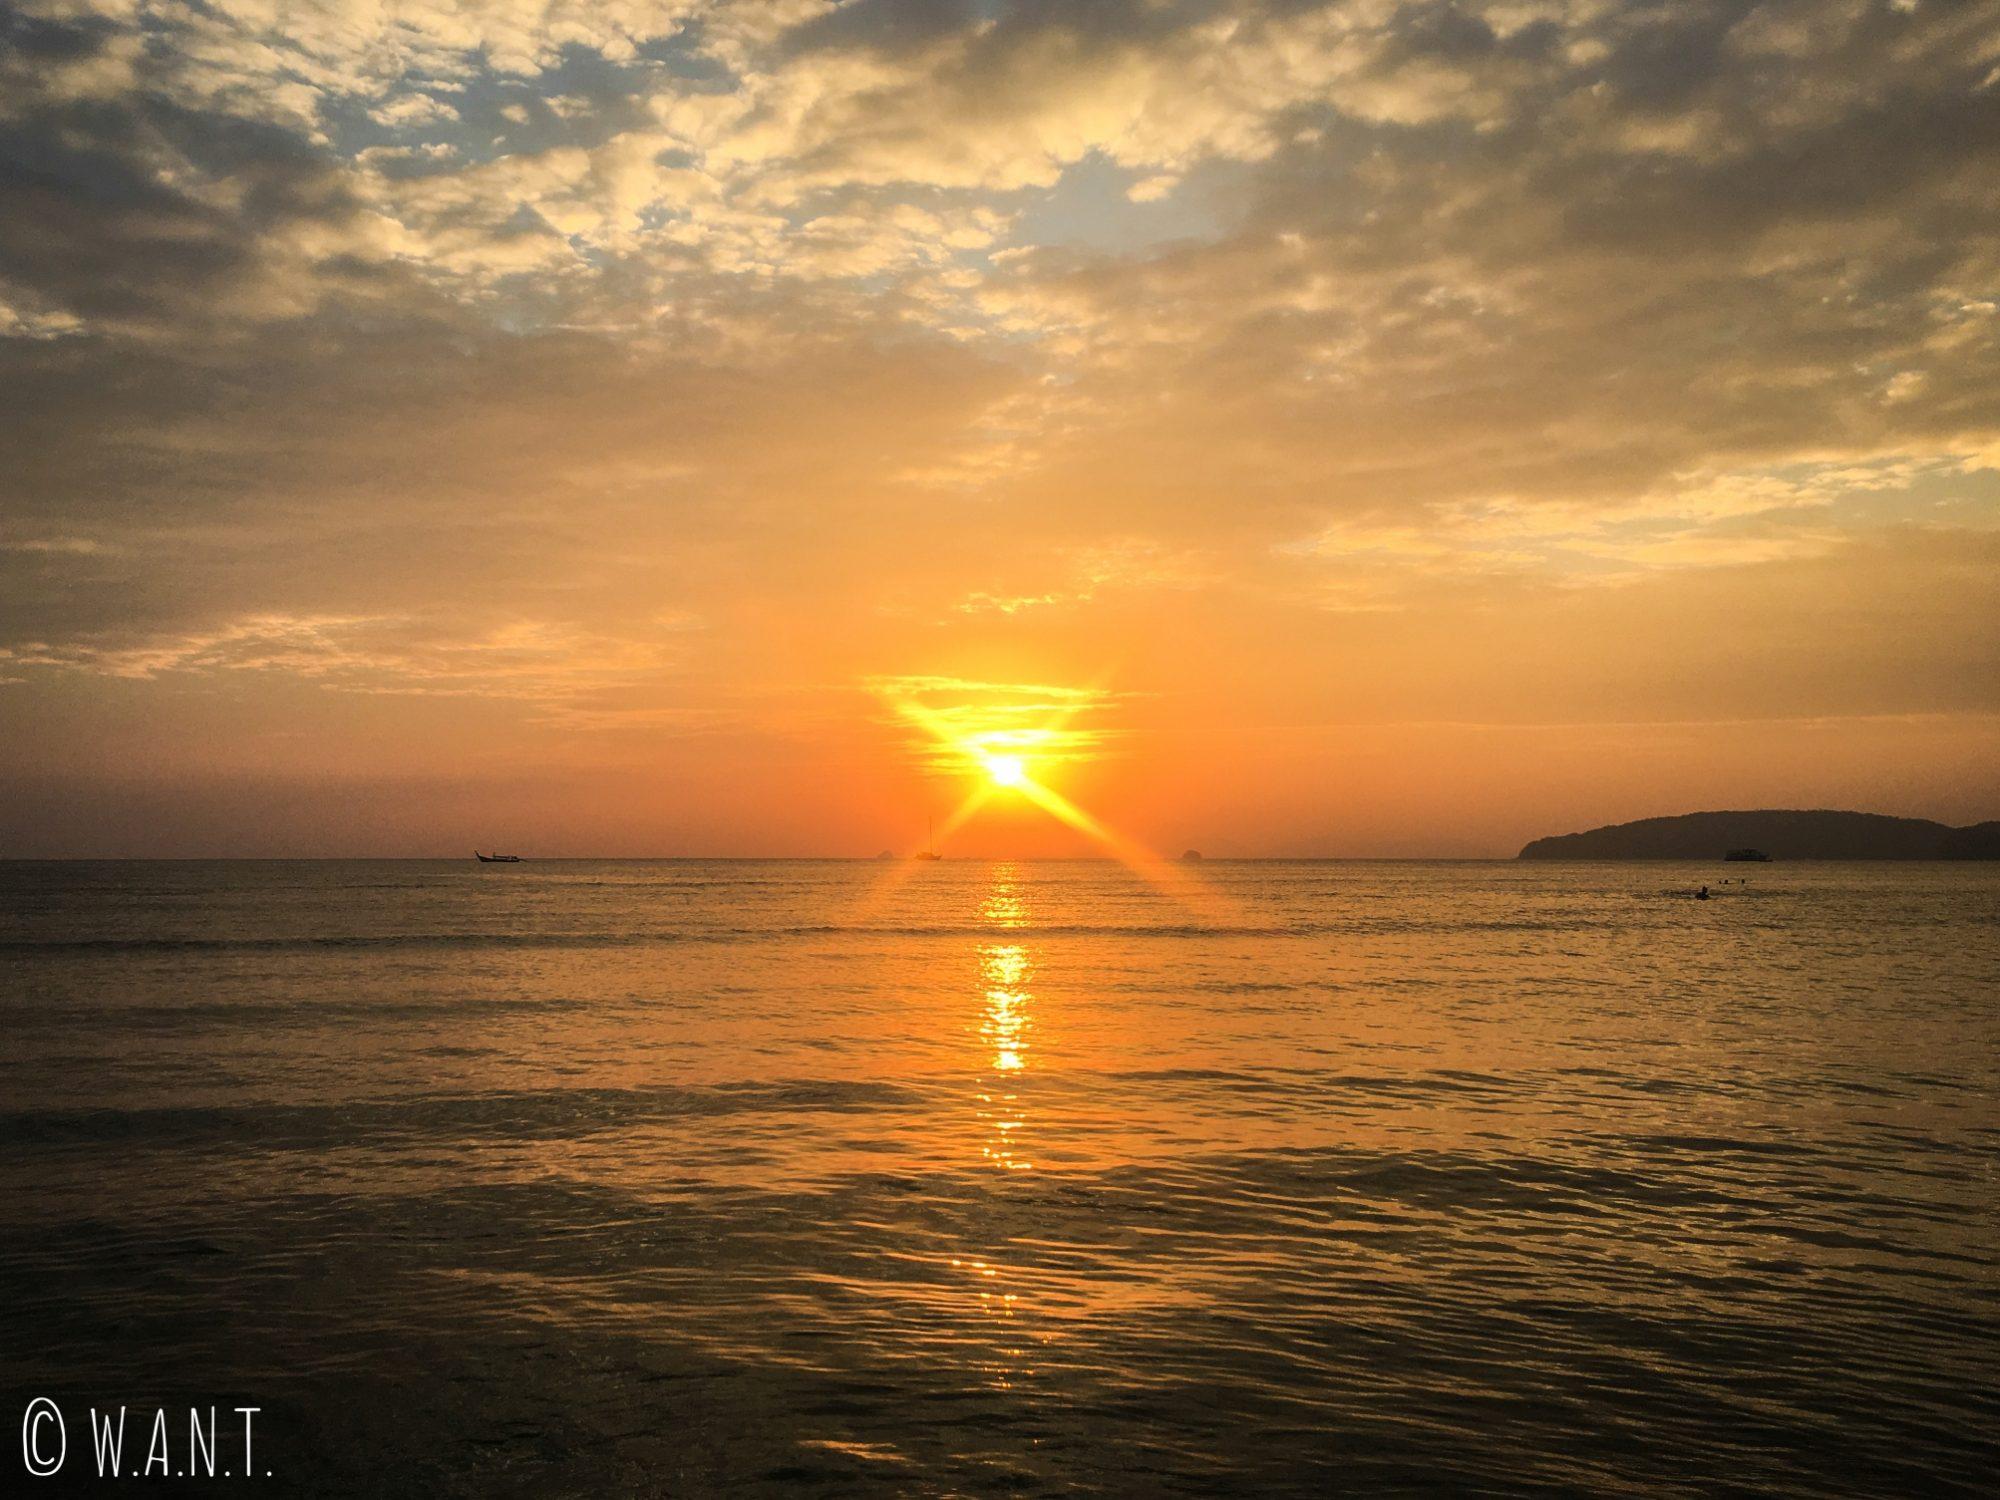 Coucher de soleil depuis la plage de Ao Nang dans la province de Krabi